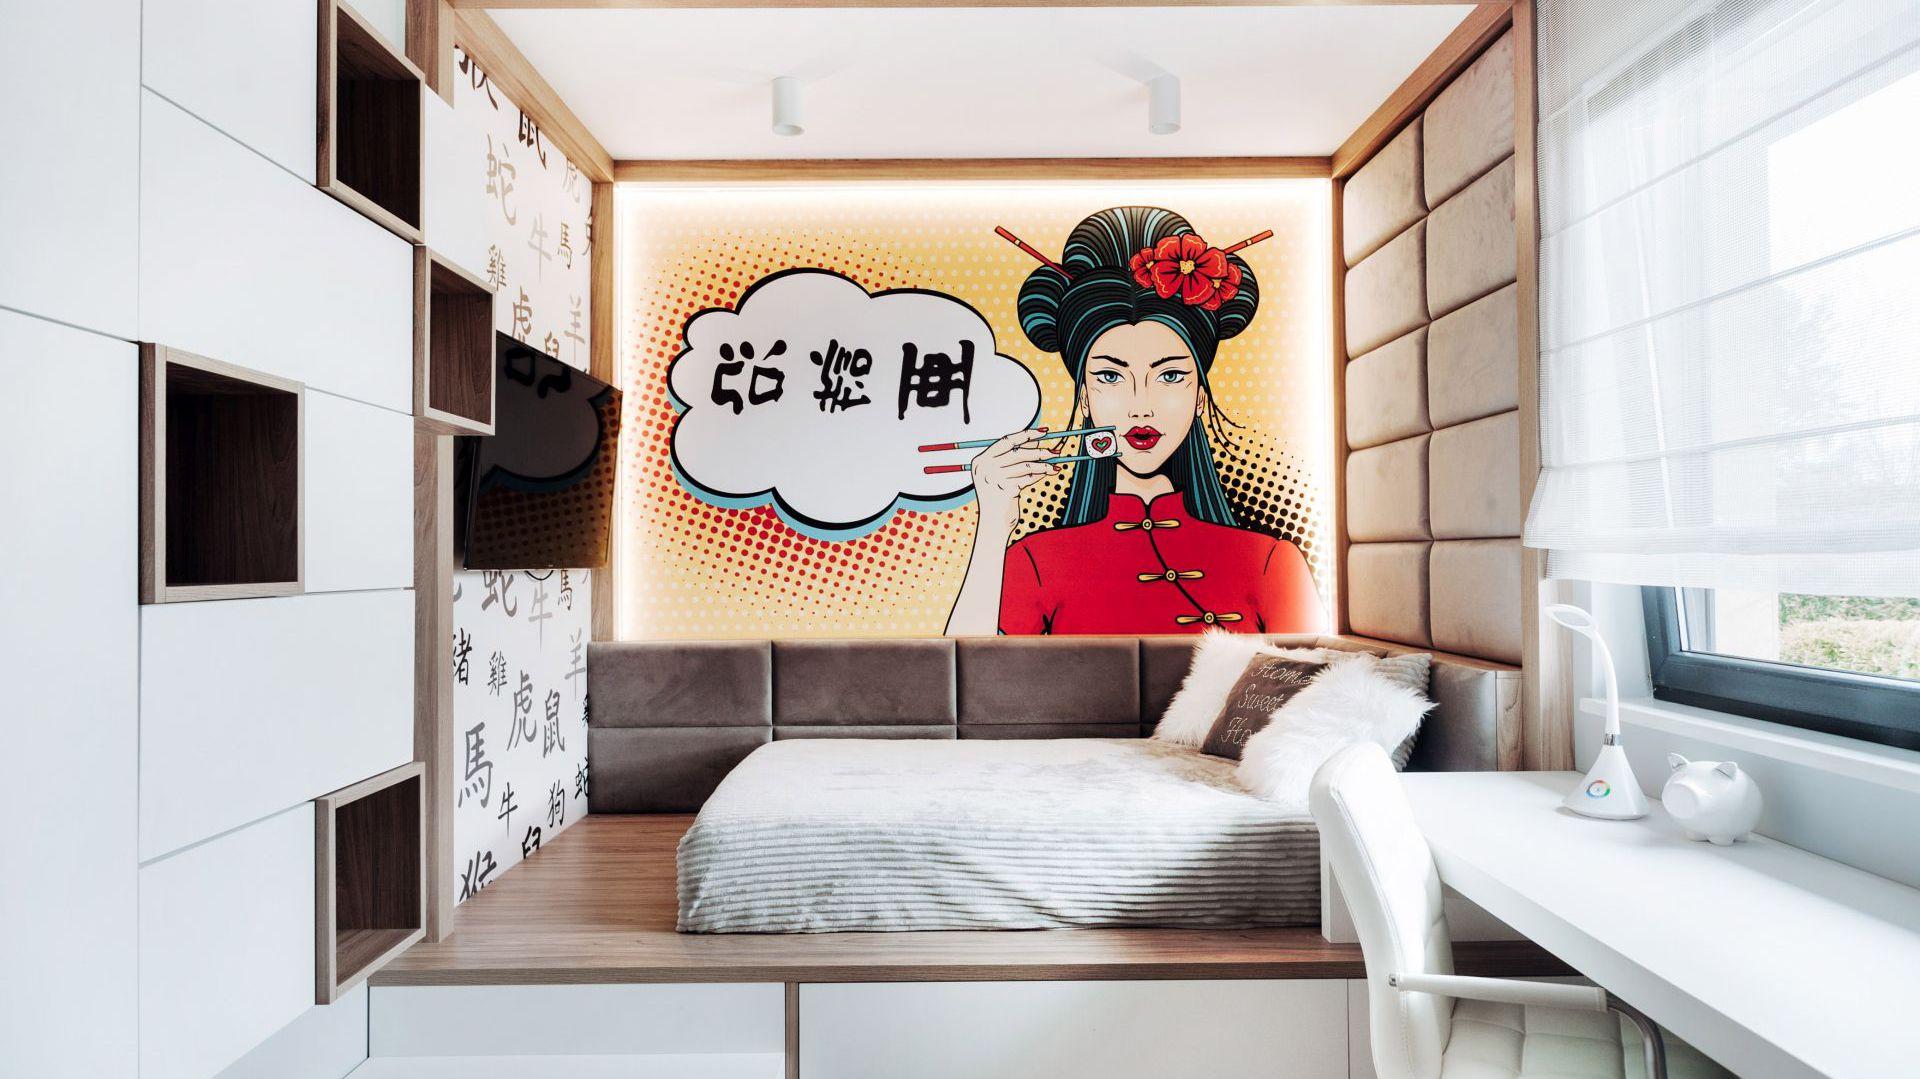 Właścicielka pokoju, 13-letnia uczennica interesuje się Japonią. W wolnych chwilach uwielbia czytać japońskie komiksy. Projektantka zaaranżowała wnętrze tak, by było zgodne z pasją młodej właścicielki i jak najlepiej odpowiadało potrzebom nastolatki. Projekt: Eliza Polakiewicz (EP Studio). Zdjęcia: Marcin Mentel.